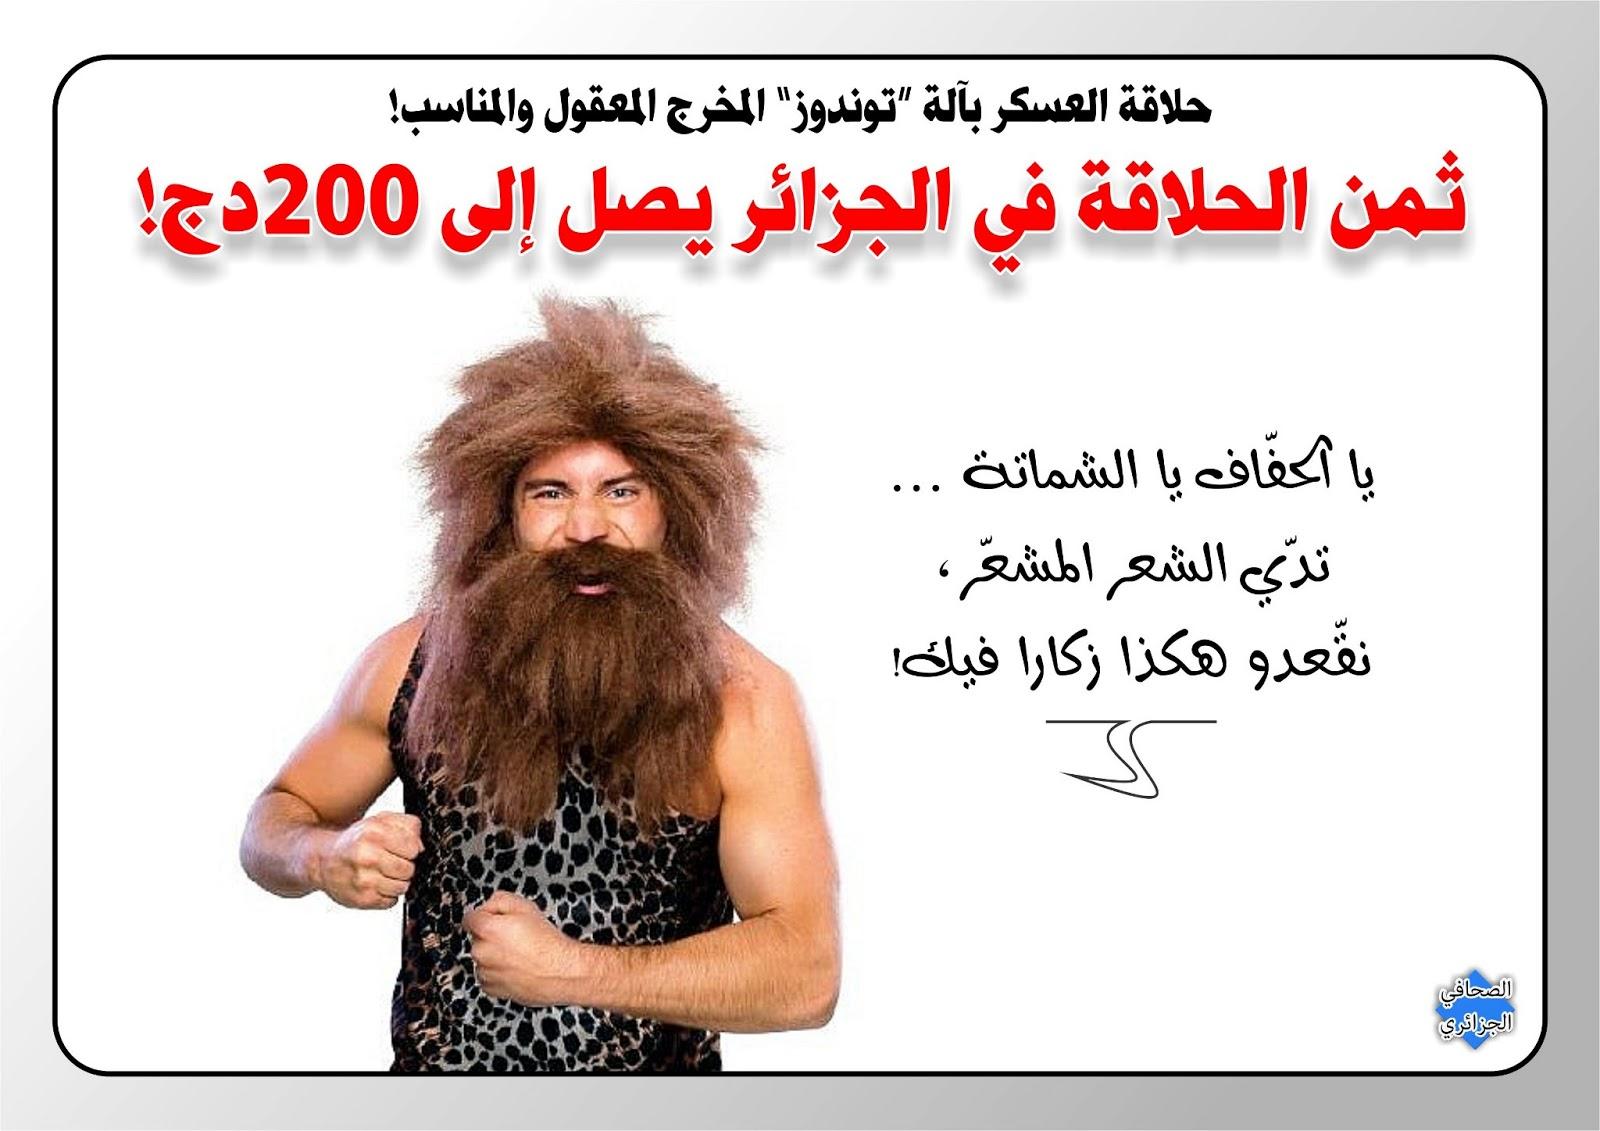 dictionnaire  algerie_arabe %D8%A7%D9%84%D8%AD%D